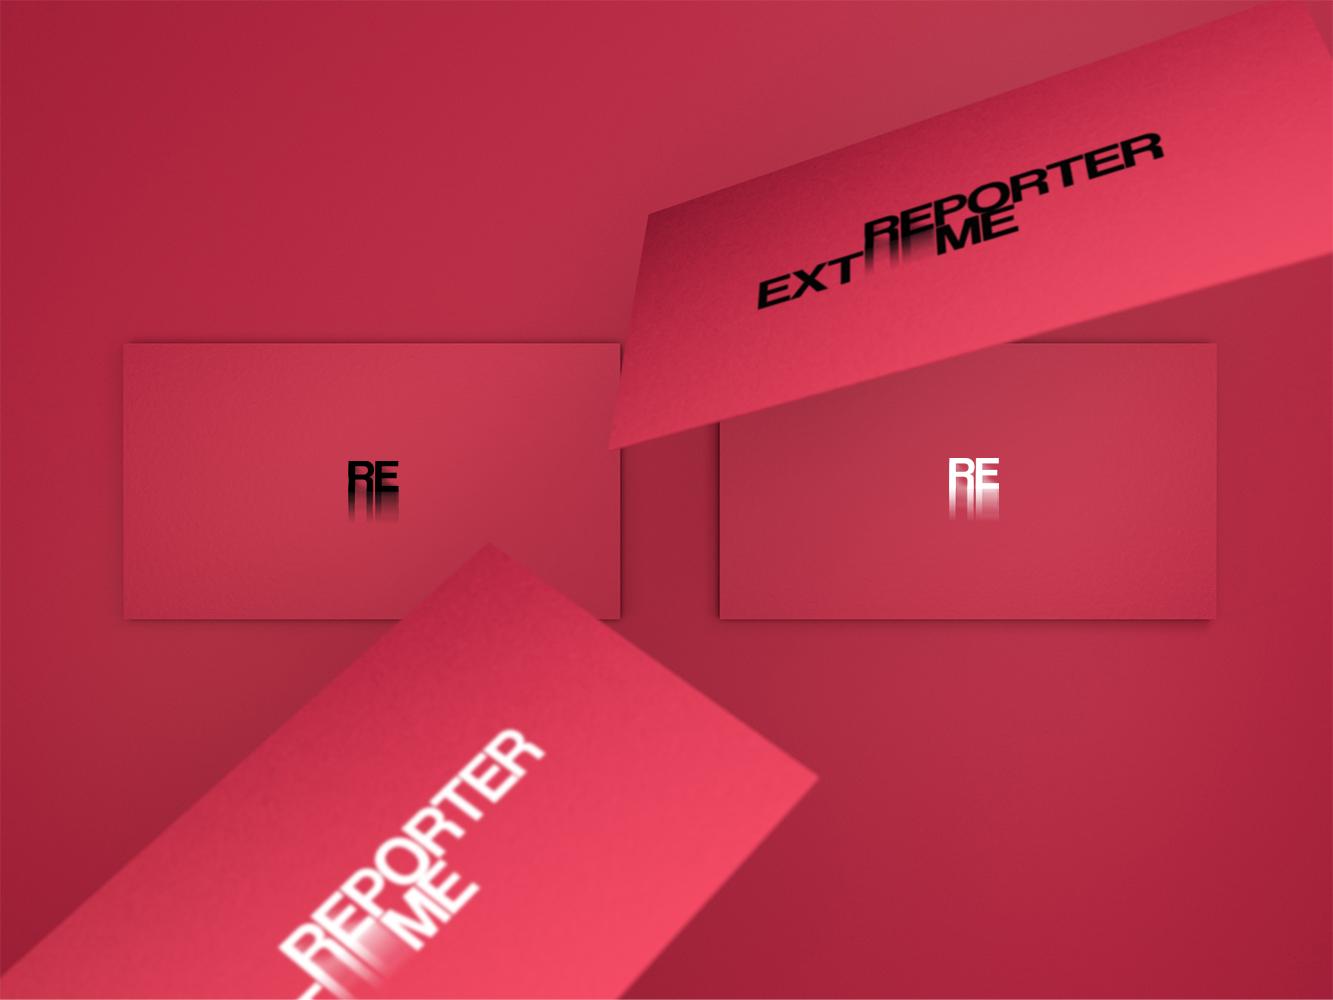 Логотип для экстрим фотографа.  фото f_0205a56278e159ab.jpg